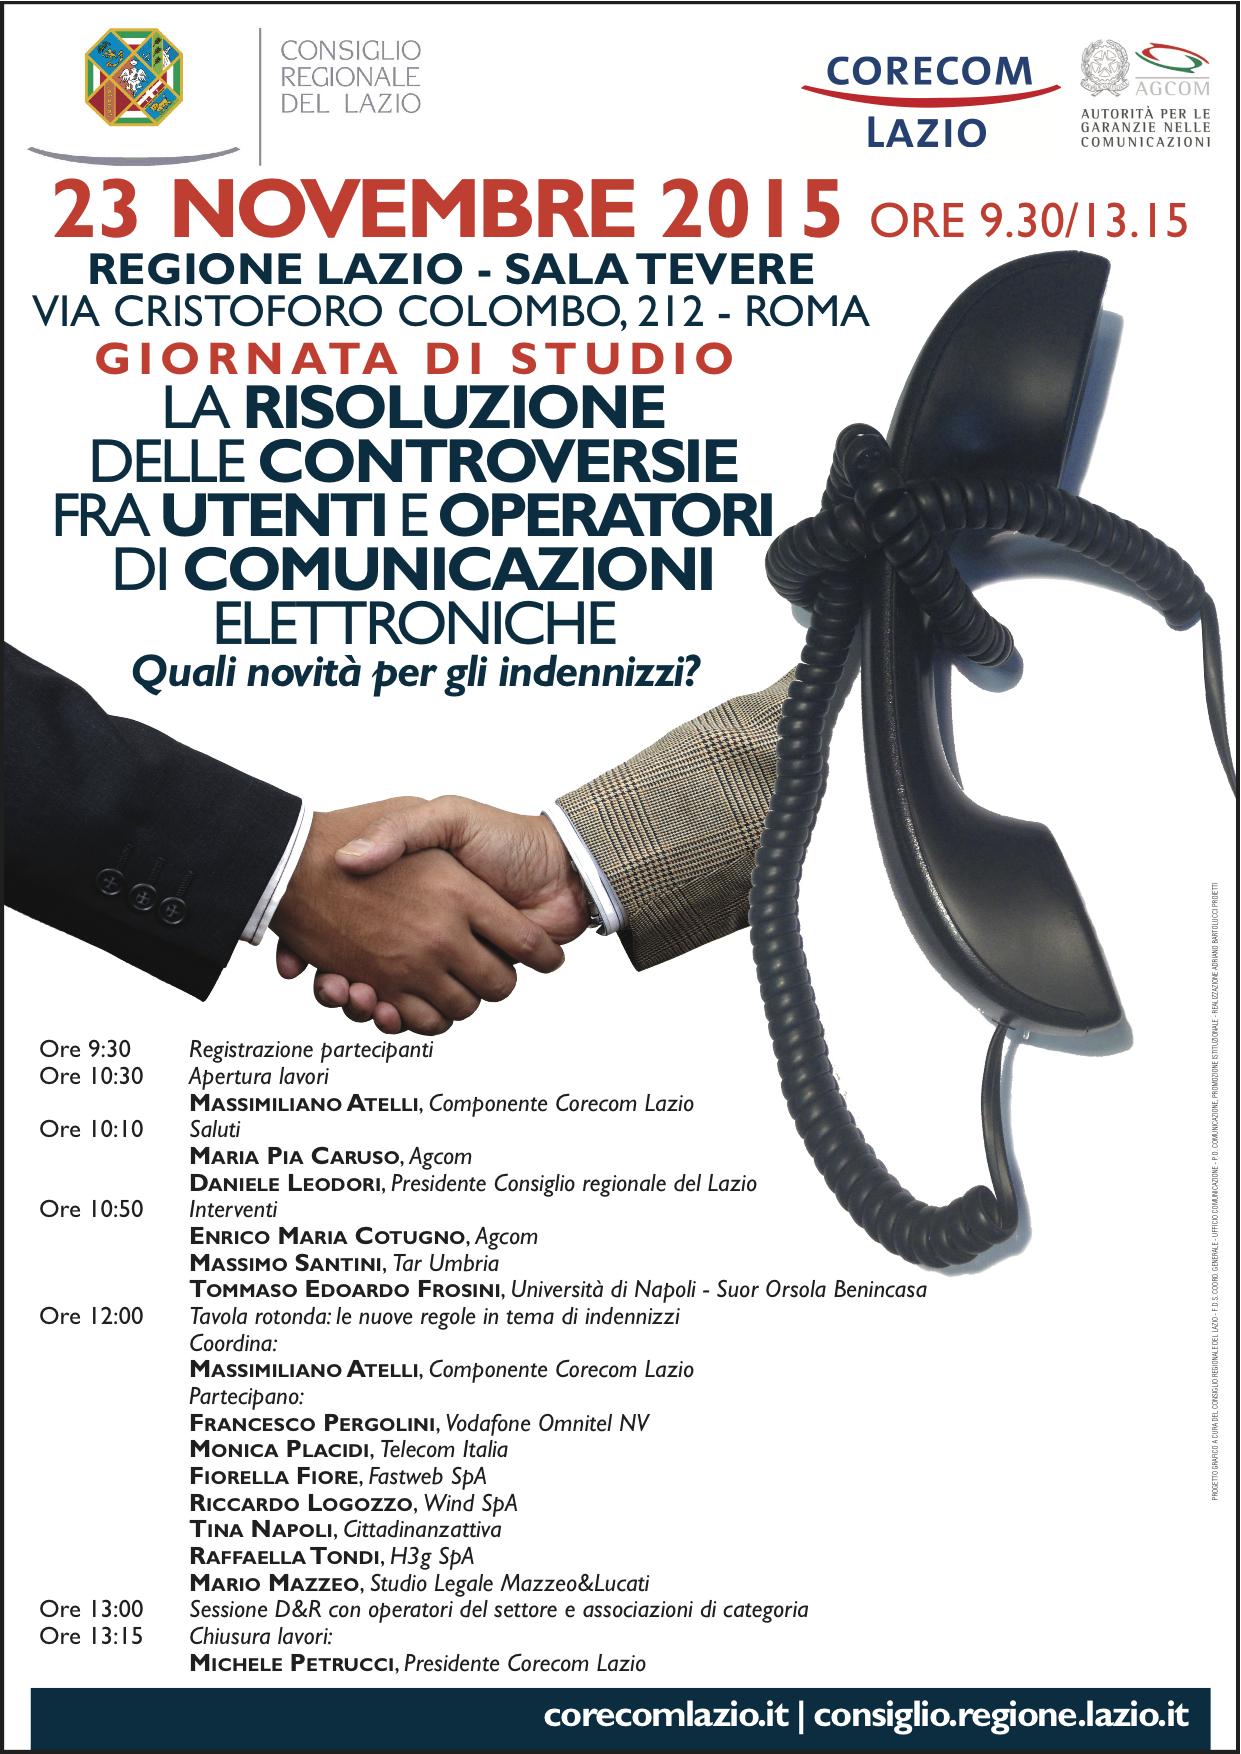 La risoluzione delle controversie fra utenti e operatori di comunicazioni elettroniche, quali novità per gli indennizzi - Roma, 23 novembre 2015